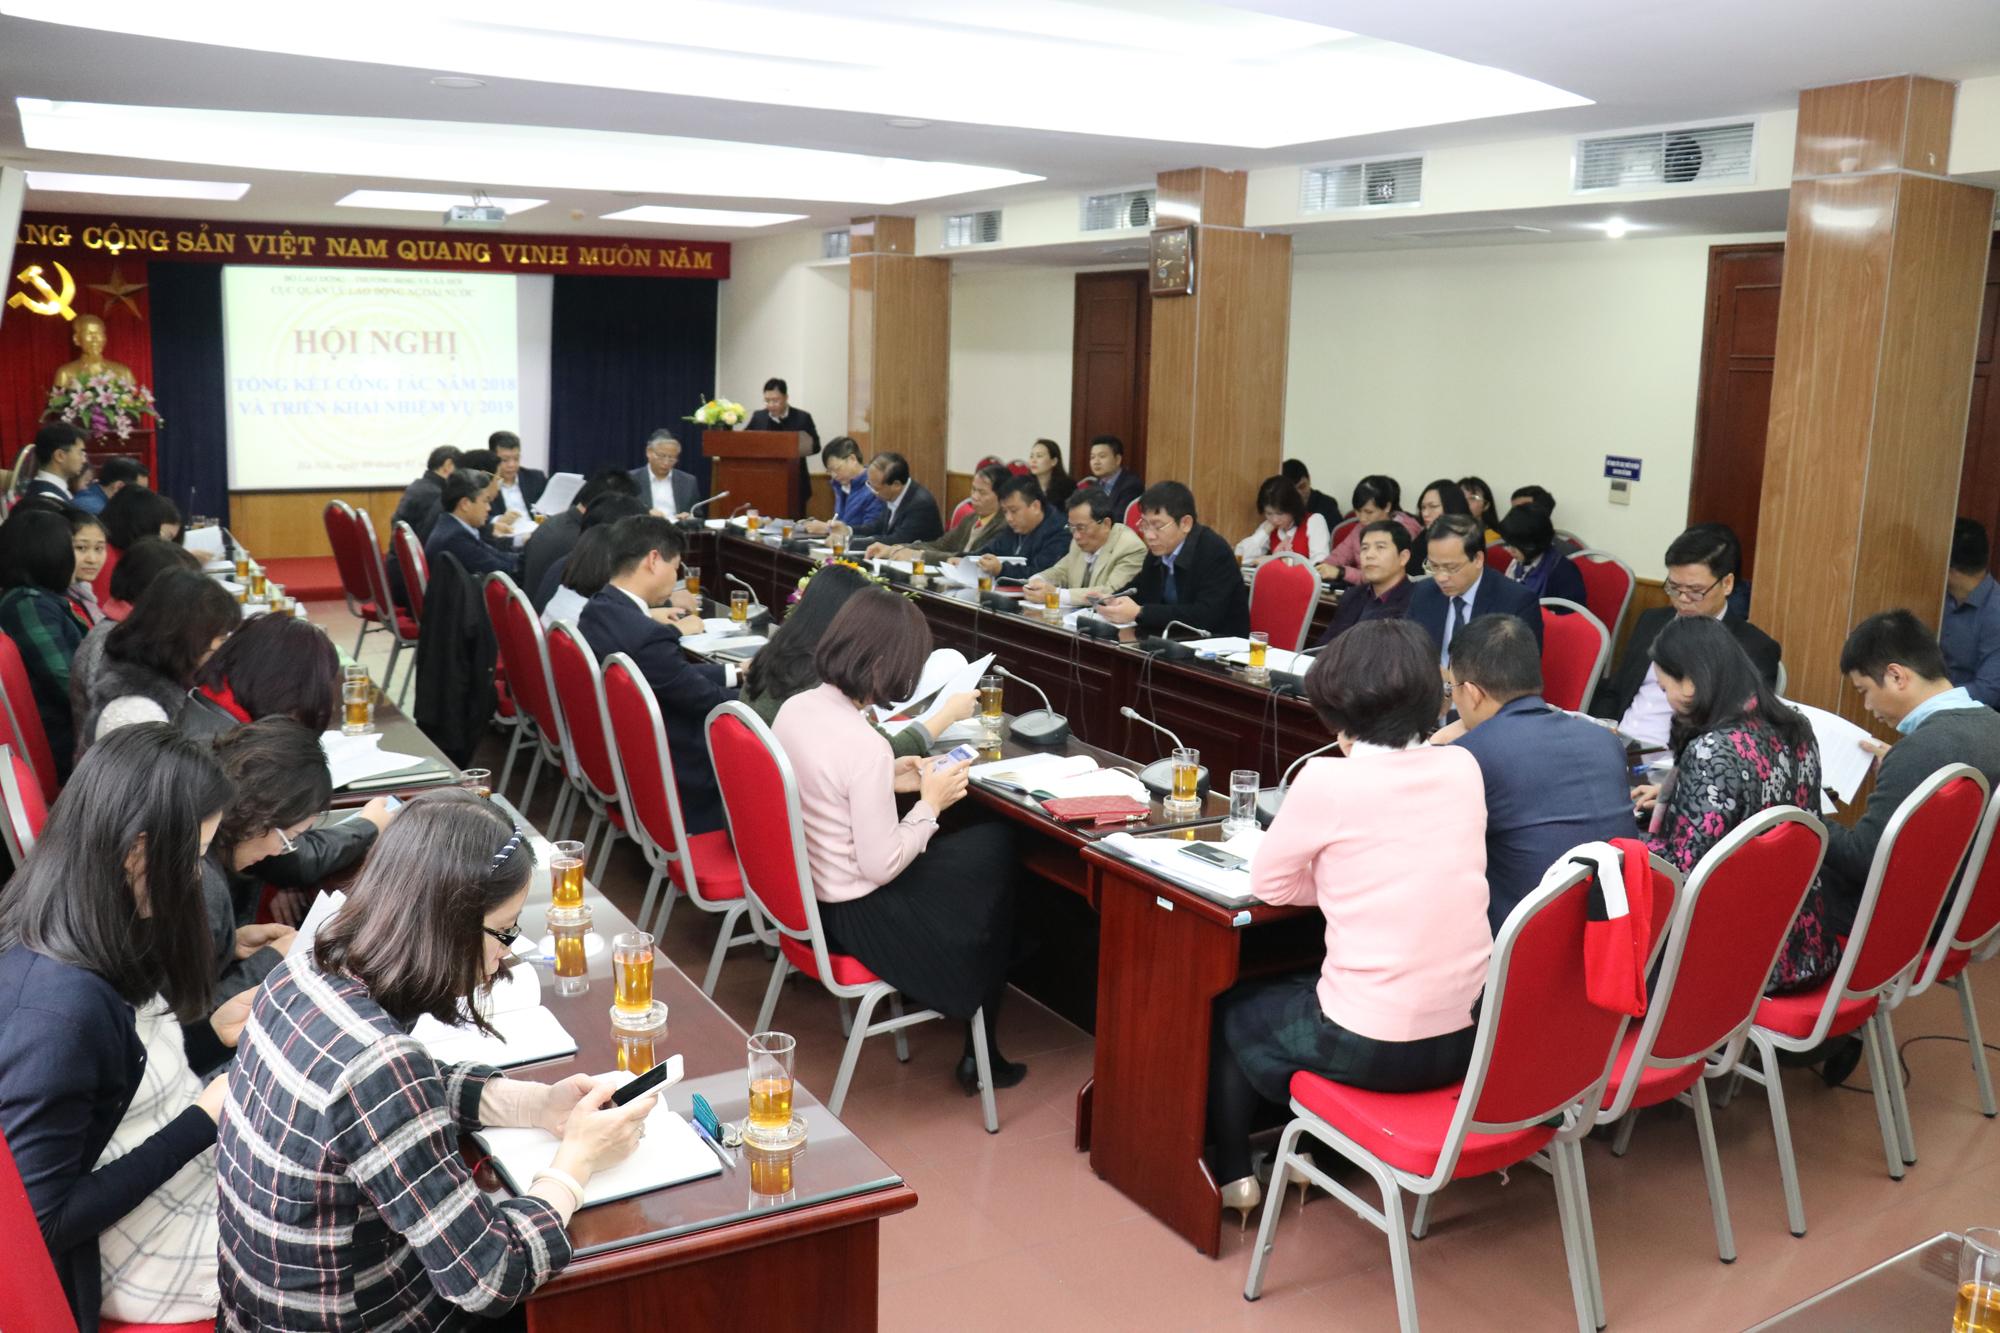 Cục Quản lý Lao động ngoài nước tổng kết công tác 2018 và triển khai nhiệm vụ năm 2019